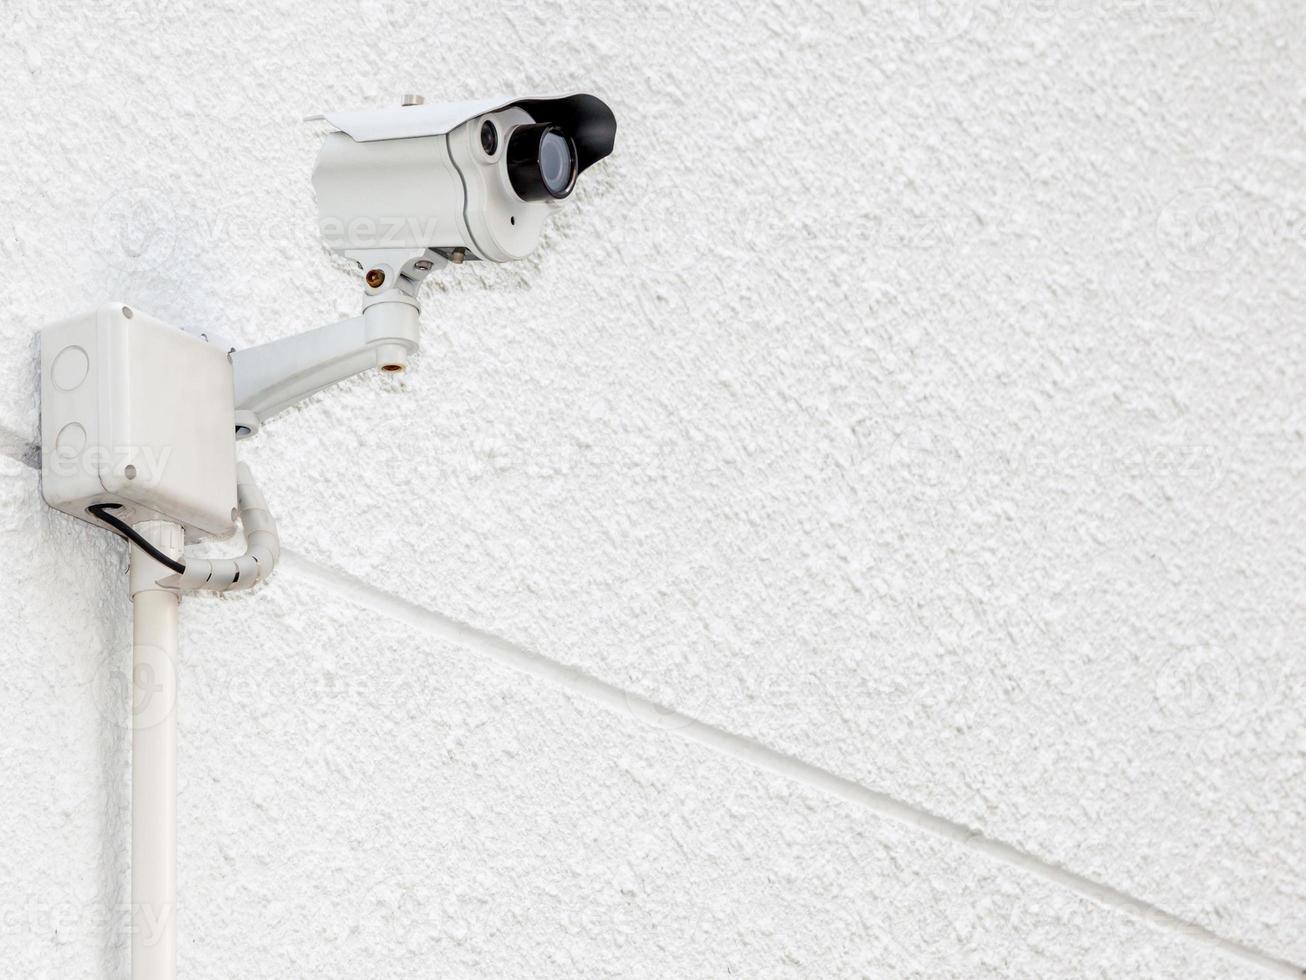 Überwachungskamera, CCTV auf der weißen Betonwand foto